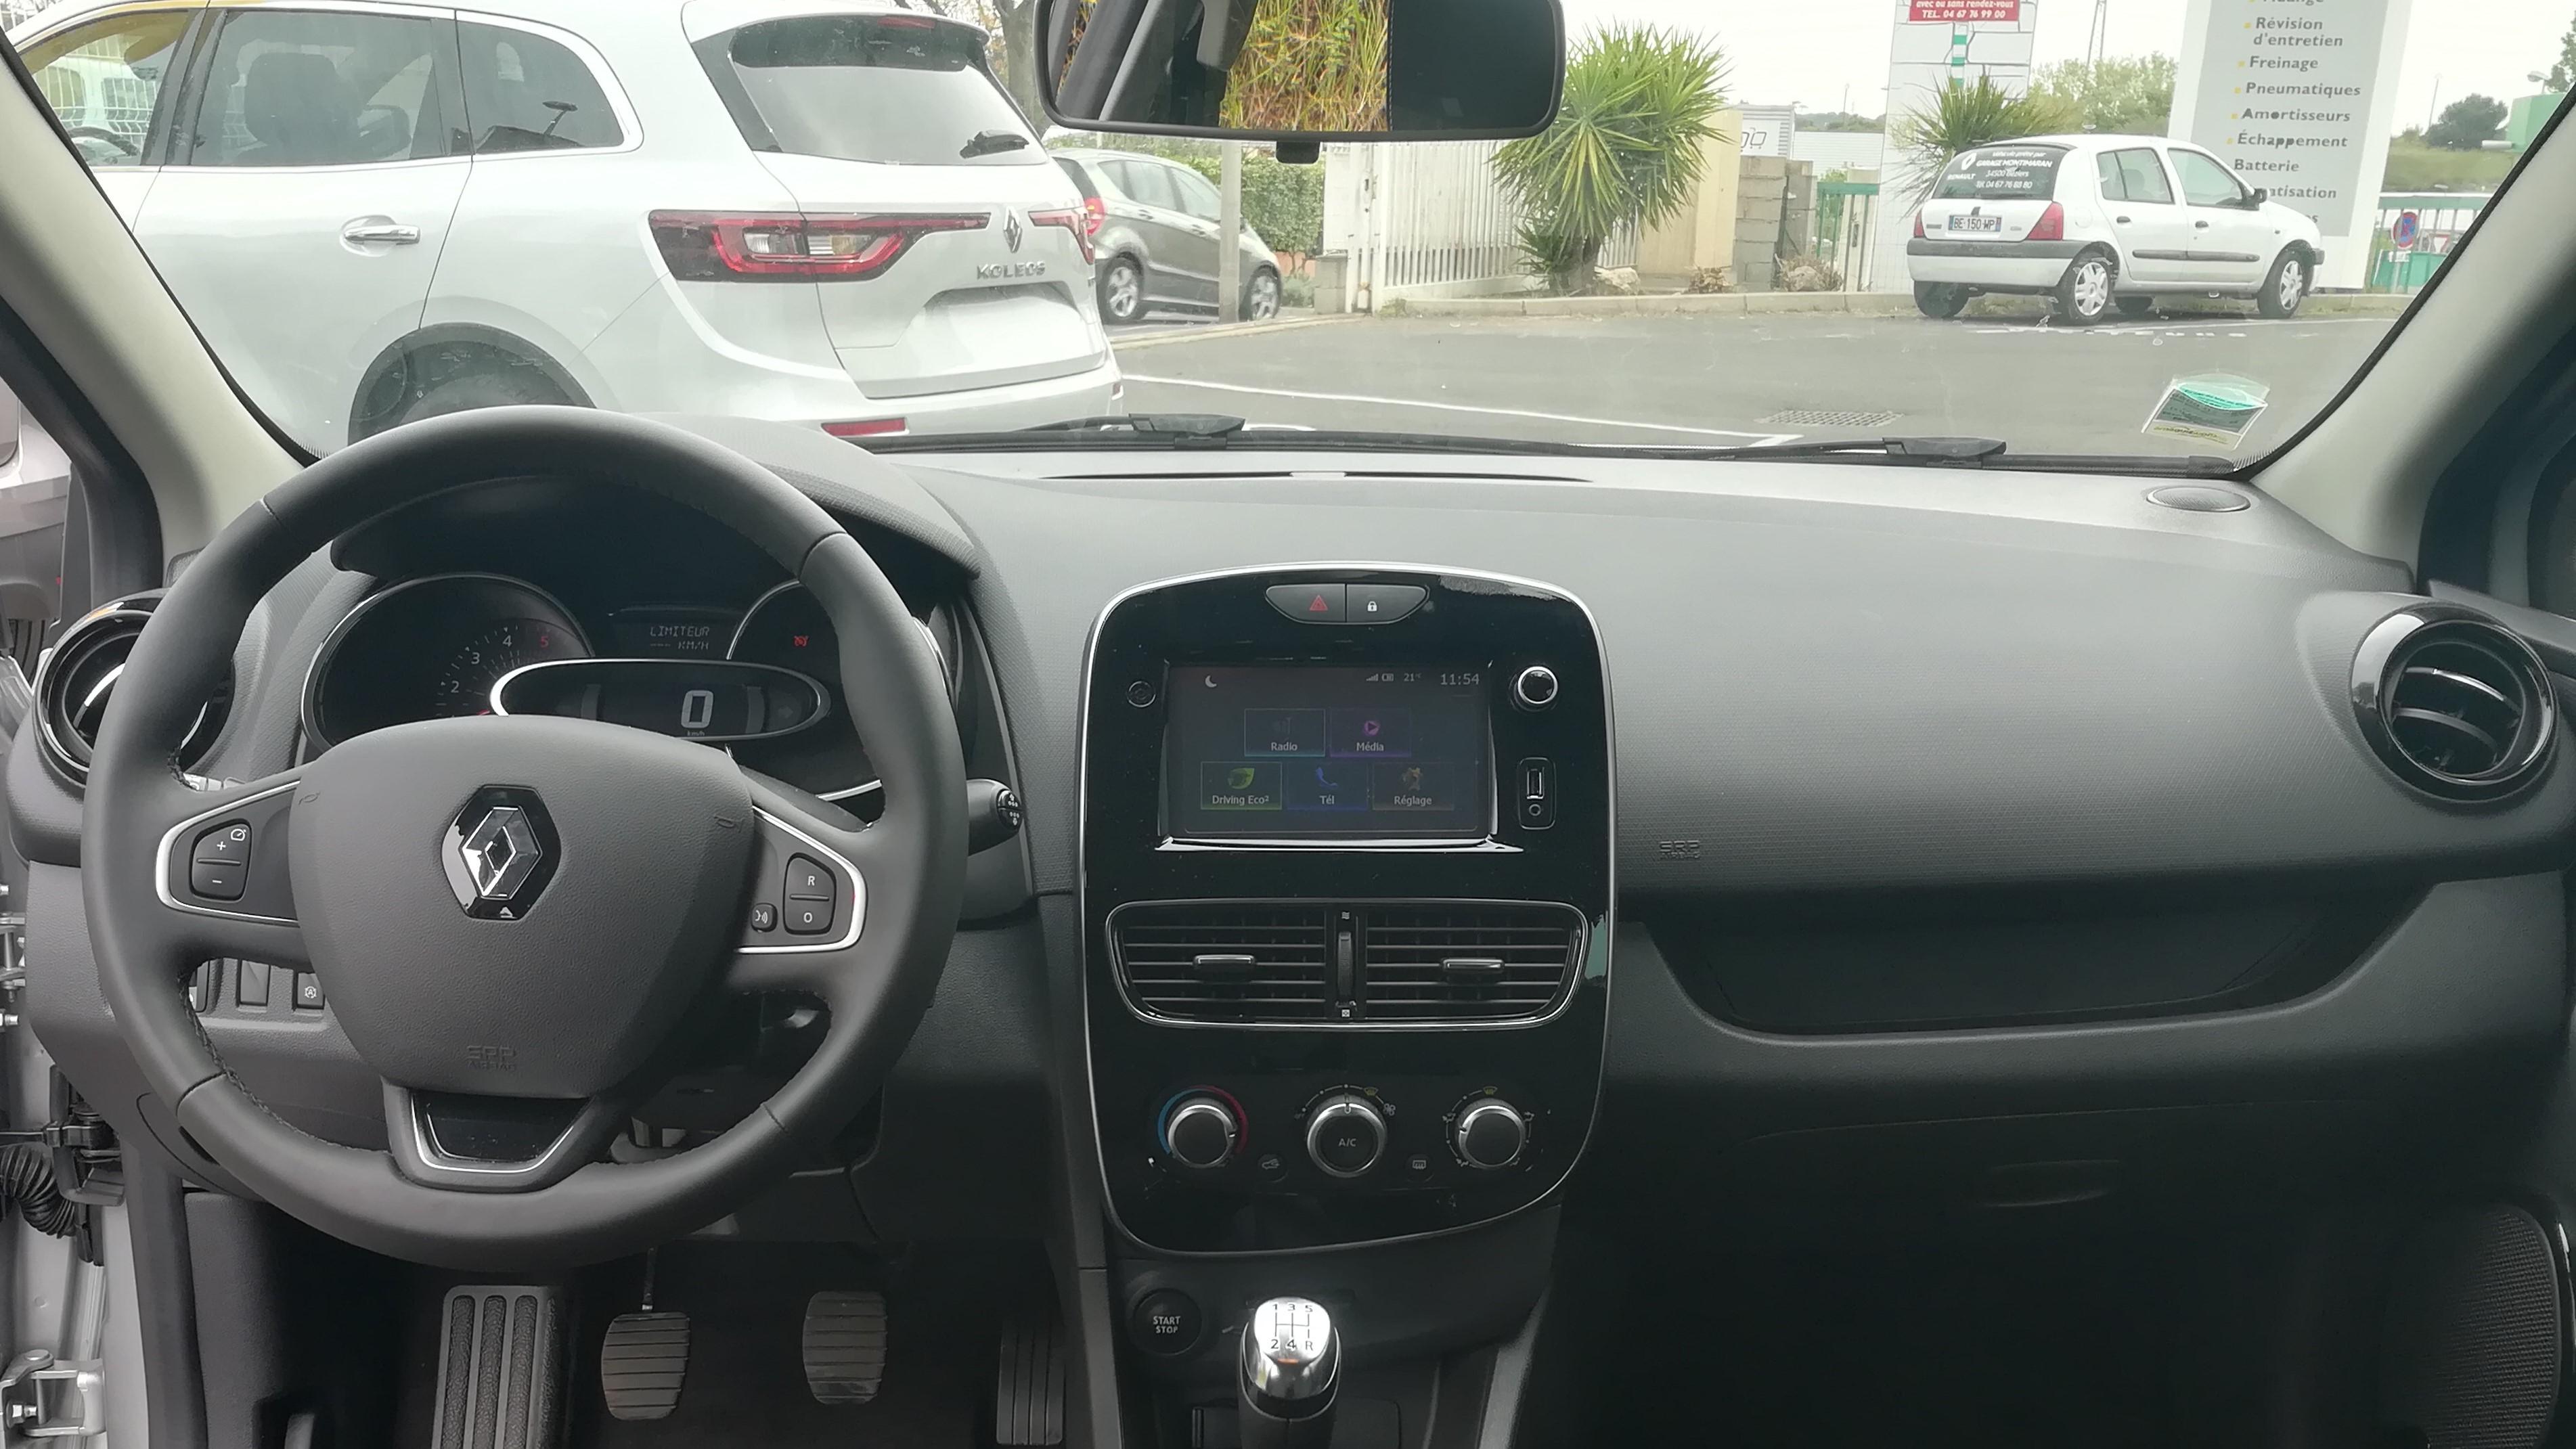 interieur Renault Clio IV